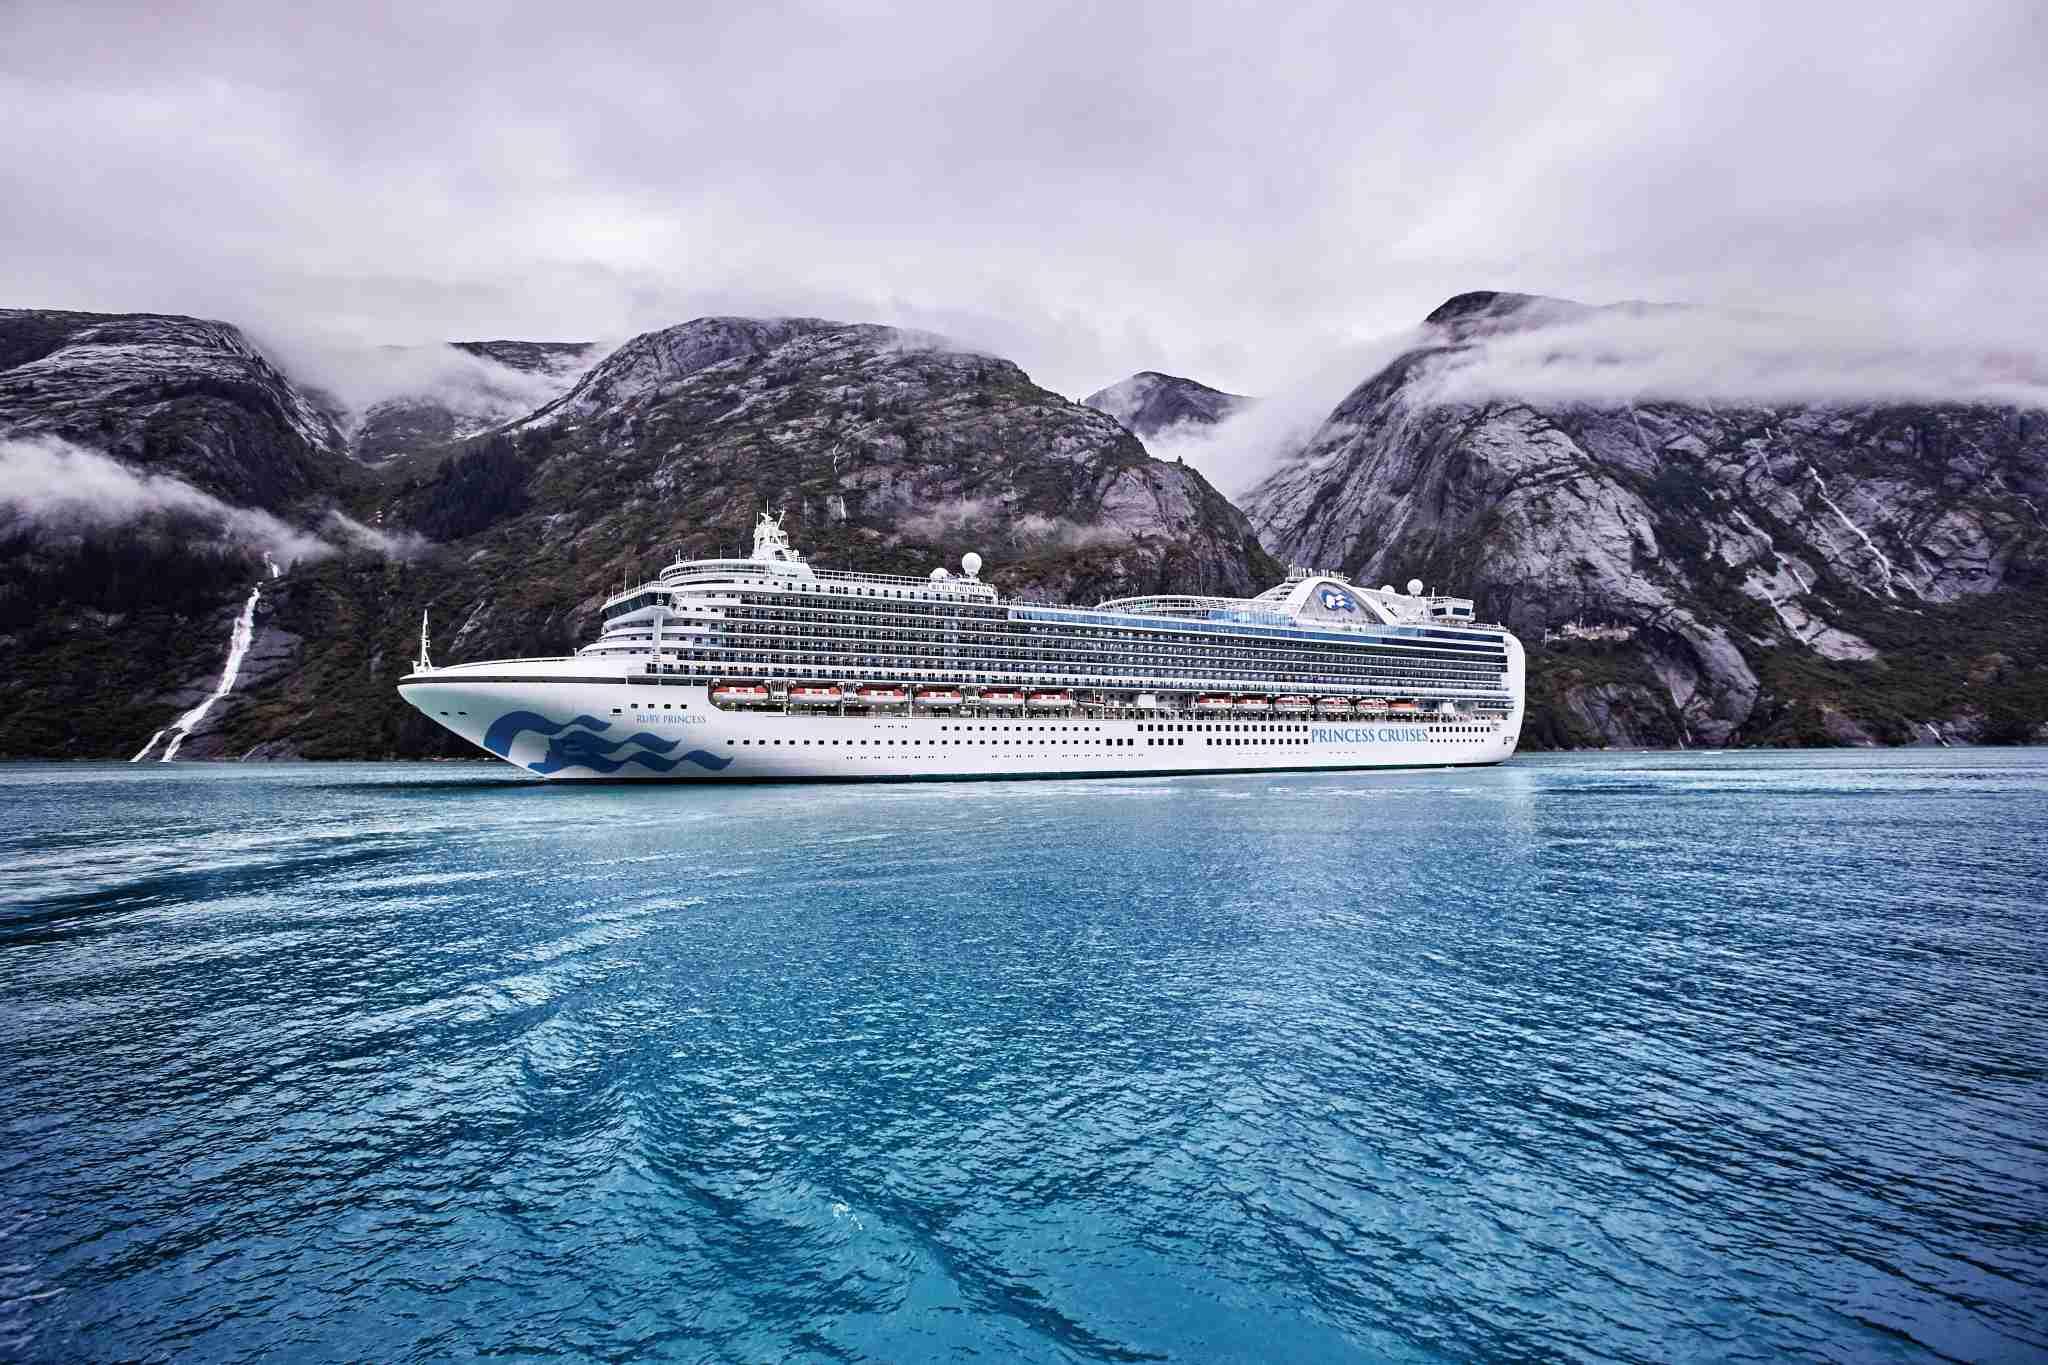 Photo courtesy of Princess Cruises.